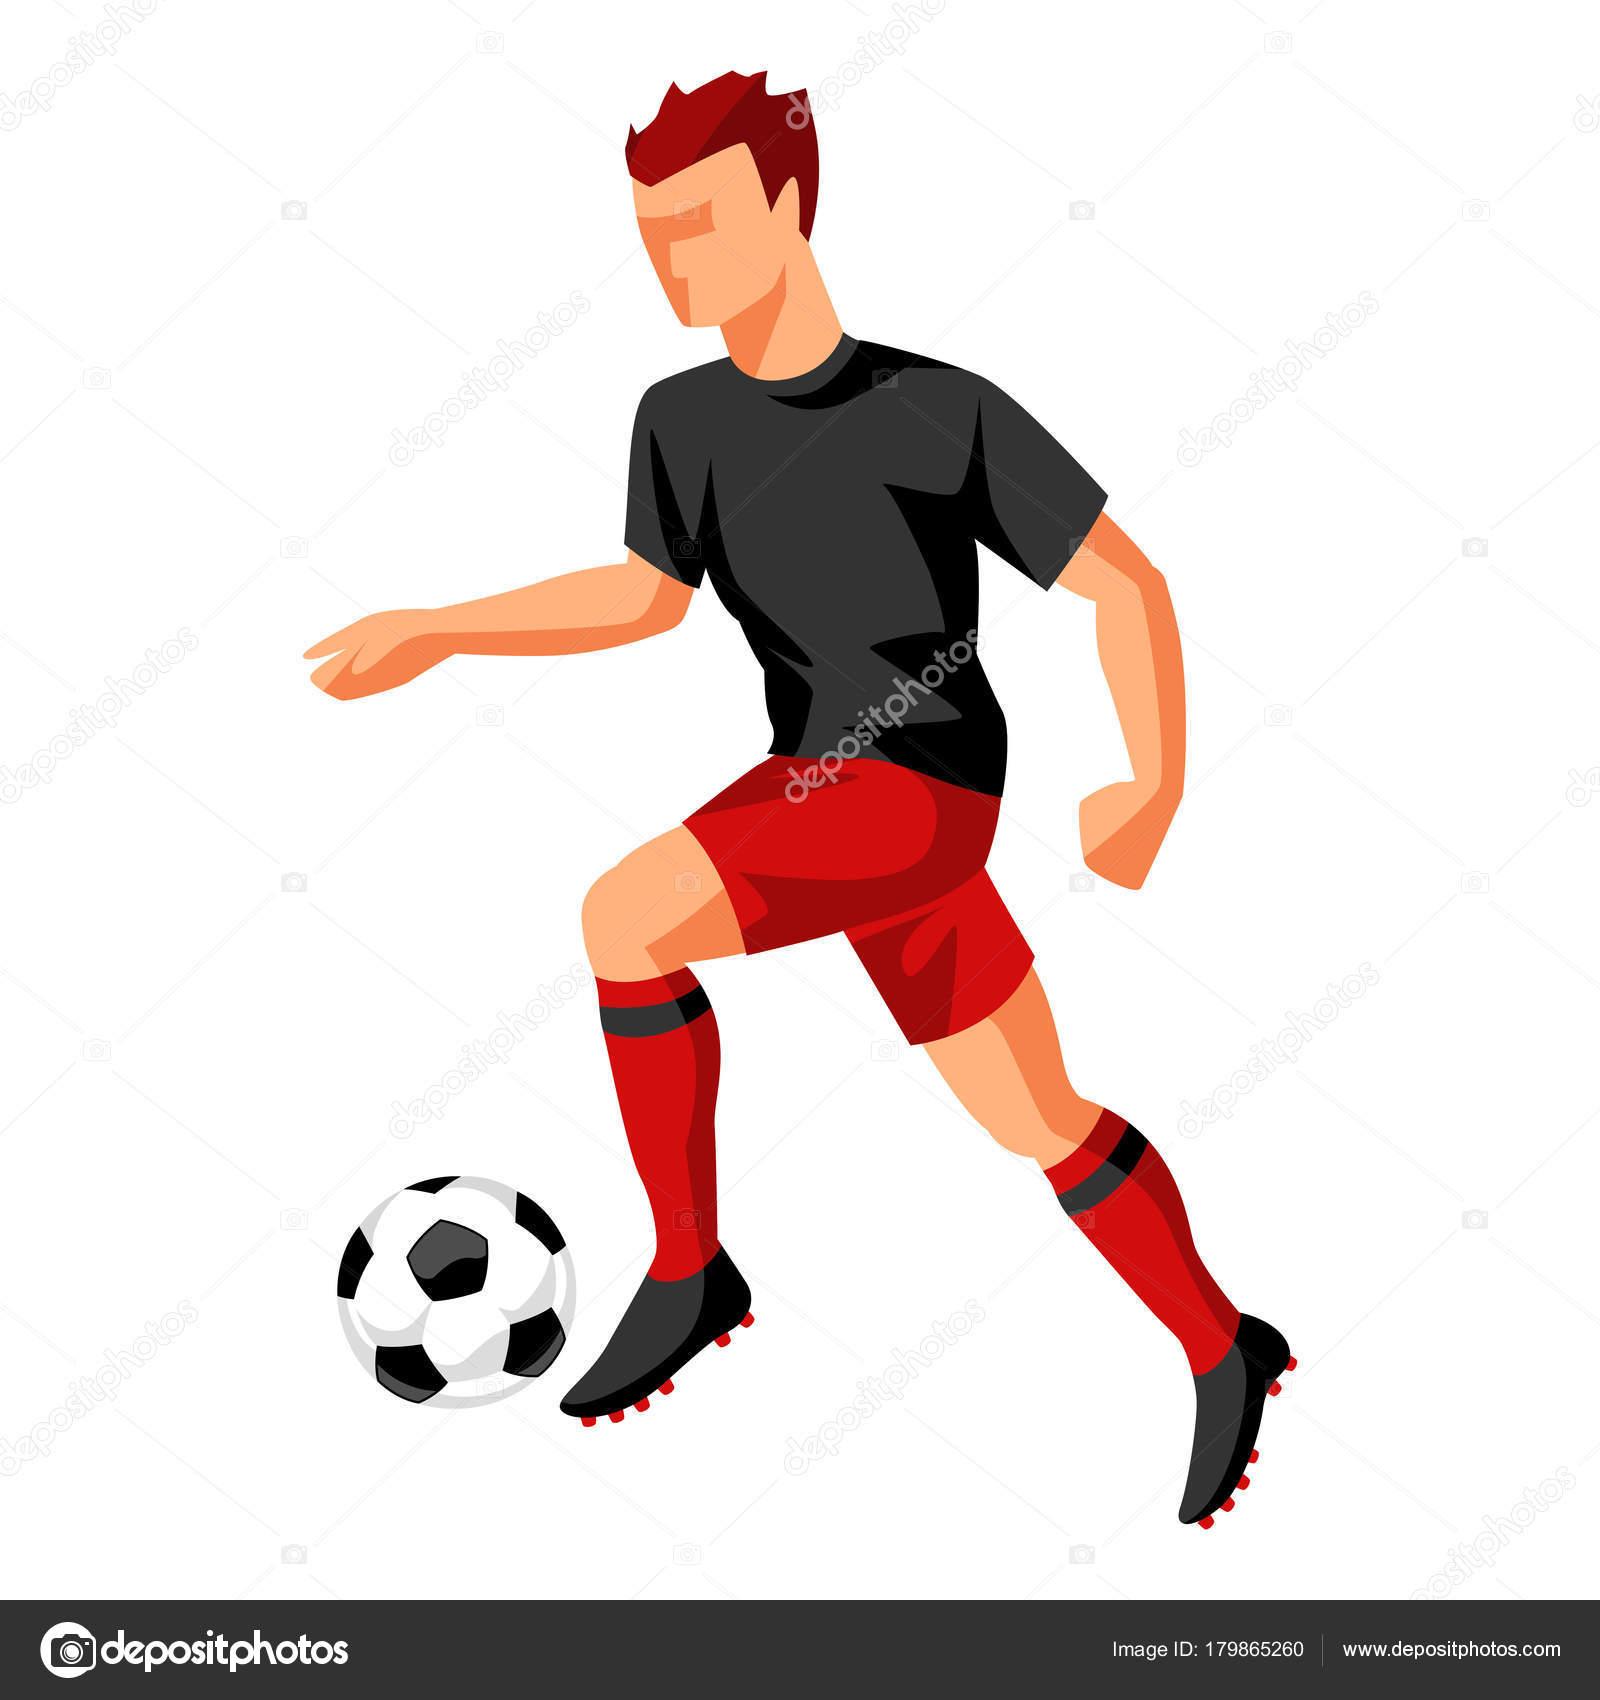 サッカー ボールを持つプレイヤースポーツ サッカー イラスト